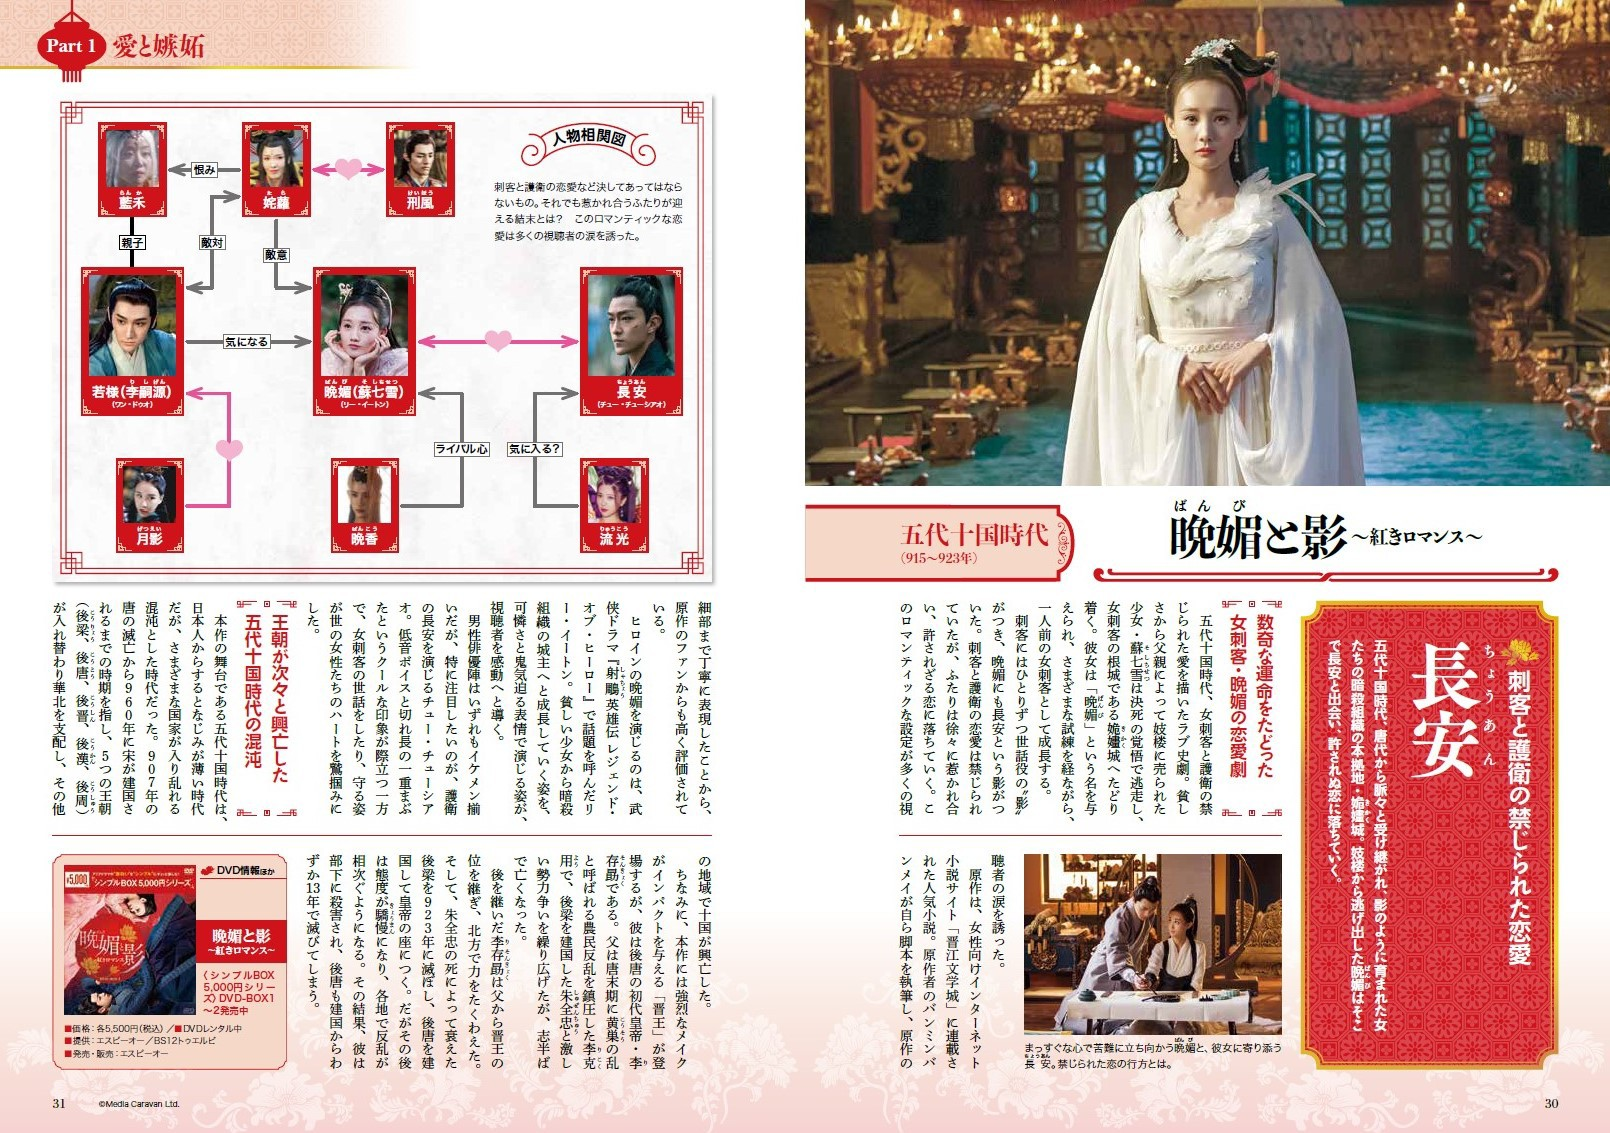 中国の歴史もわかる! 中国時代劇を10倍楽しむ本2022